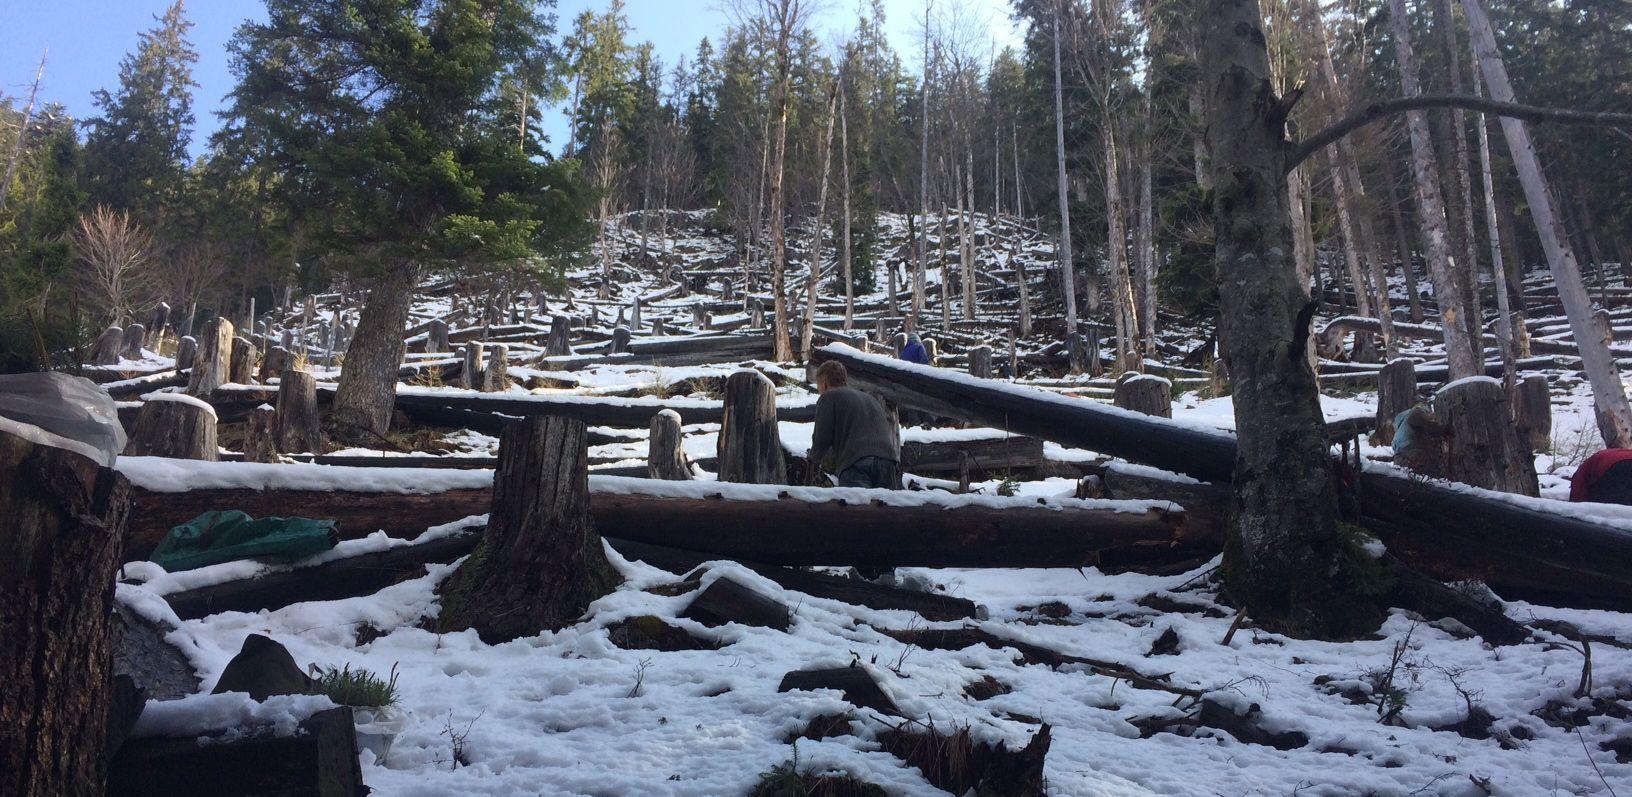 Neuschnee, Nochschnee und Baldwiederwegschnee